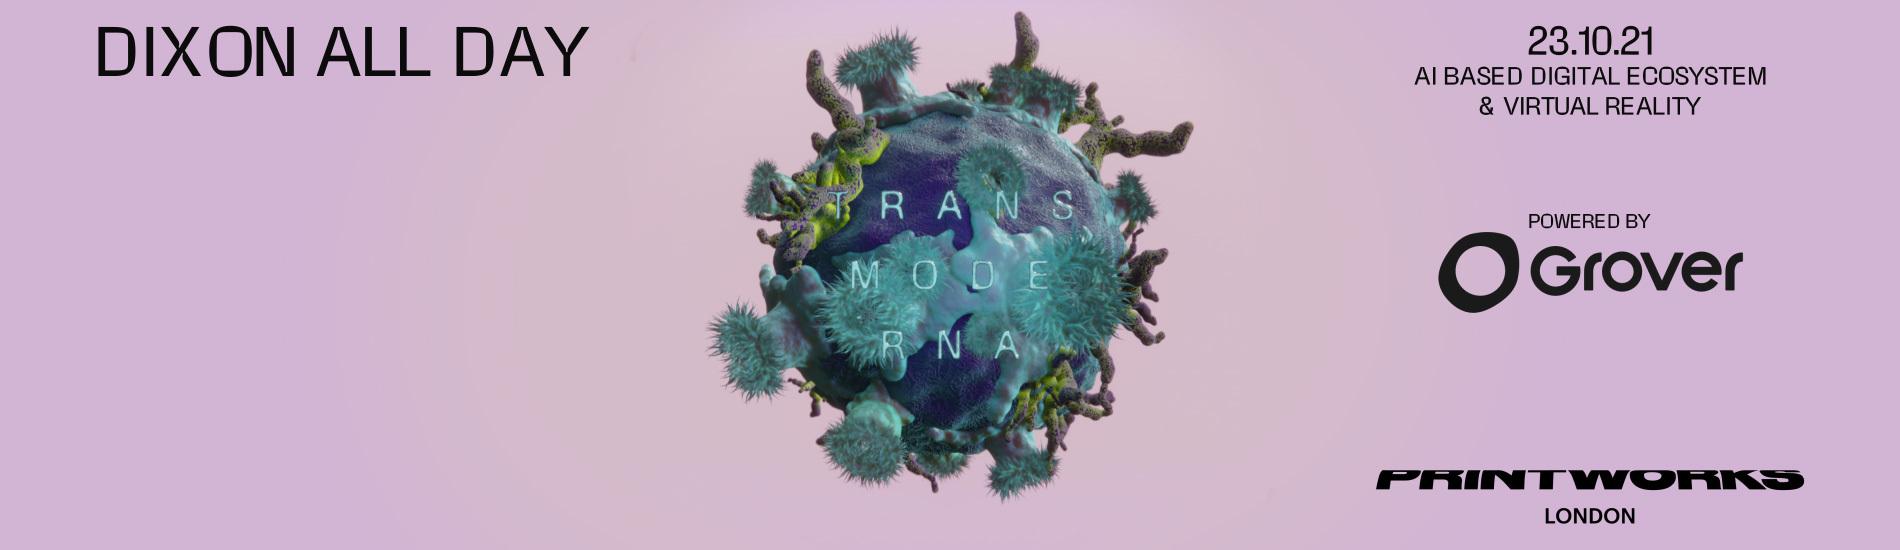 Dixon presents Transmoderna